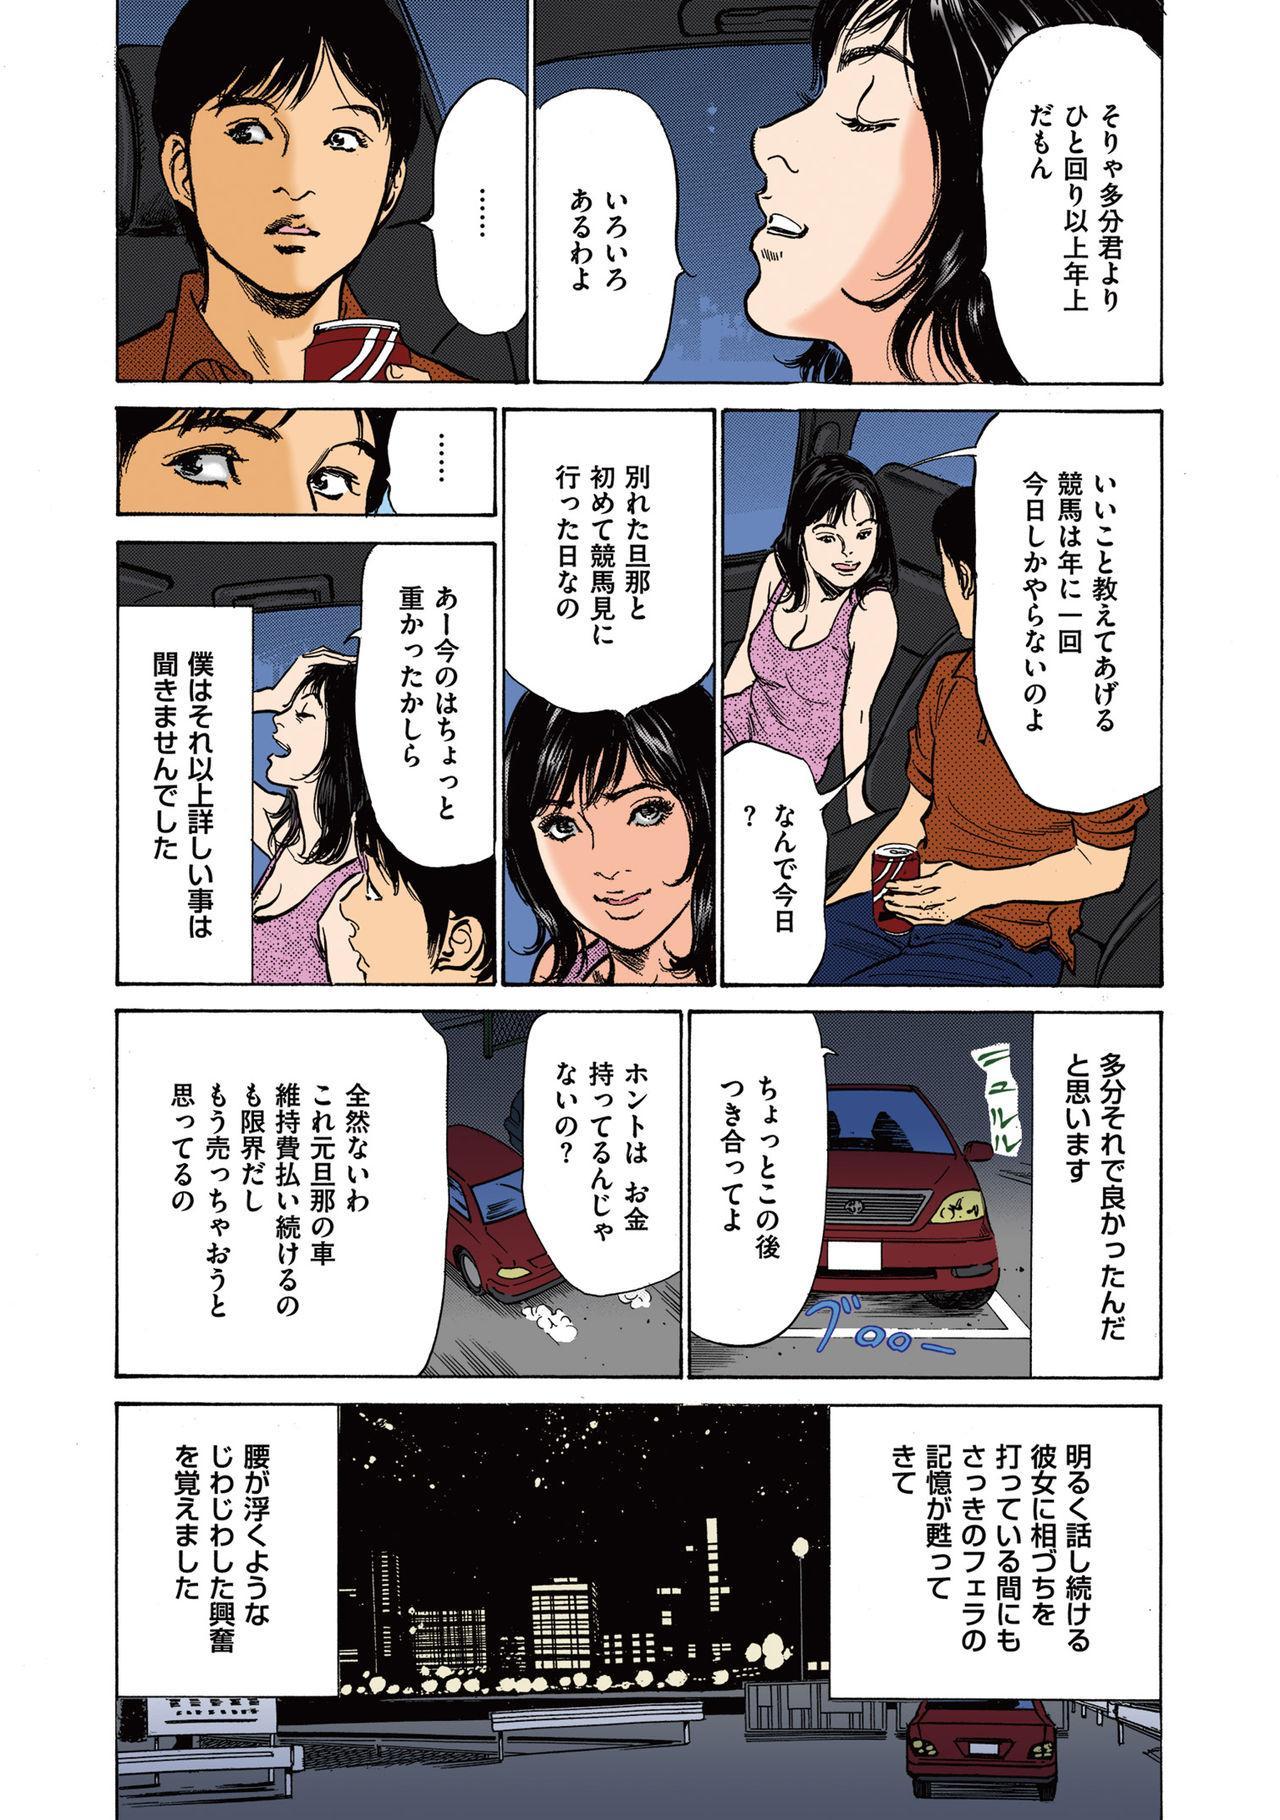 [Hazuki Kaoru] Hazuki Kaoru no Tamaranai Hanashi (Full Color Version) 2-1 47